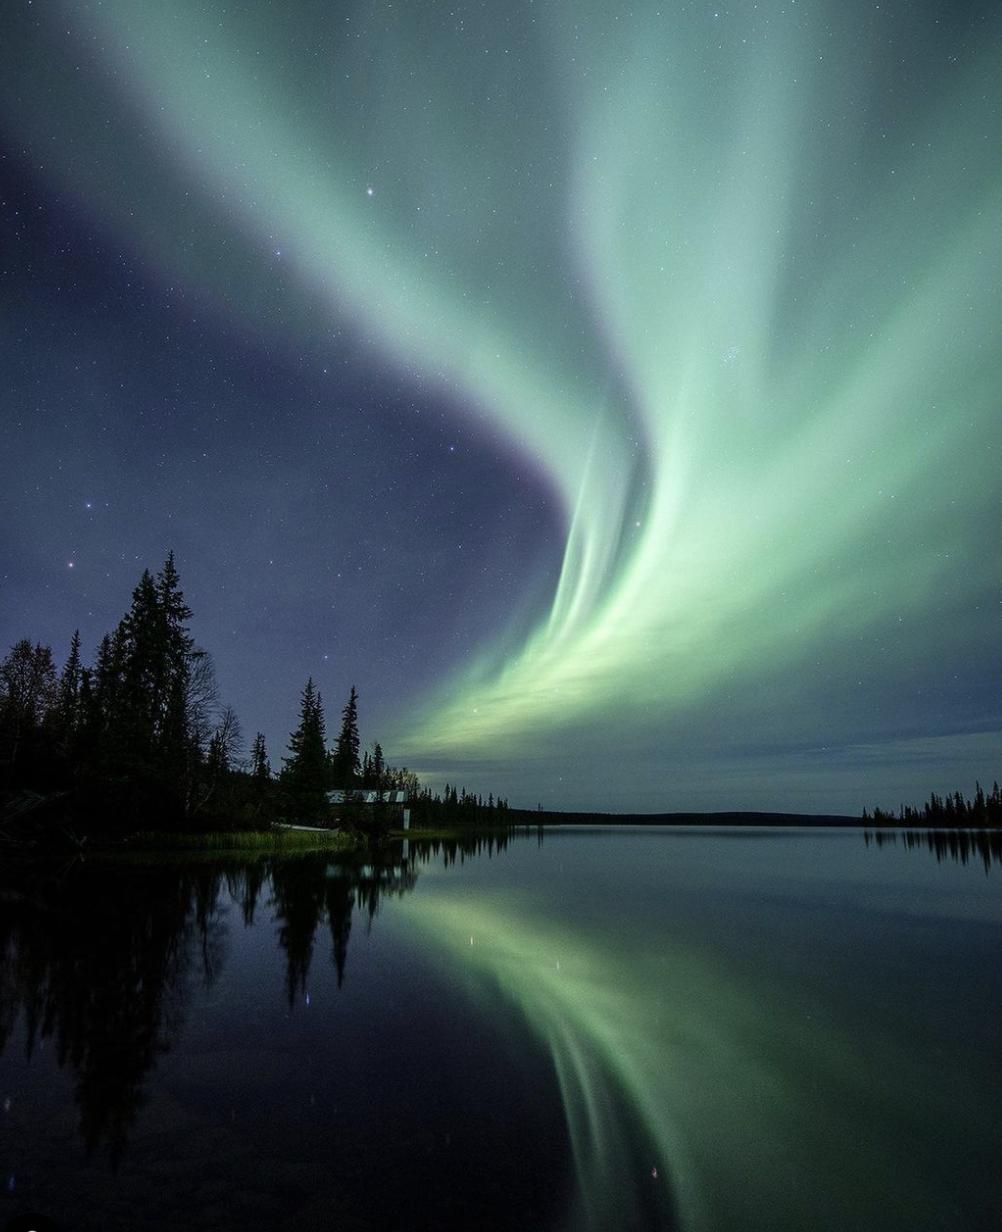 通常人们认为极光是绿色的,像绸带一样飘动在夜空中。  Visit Arctic Europe 官网 图